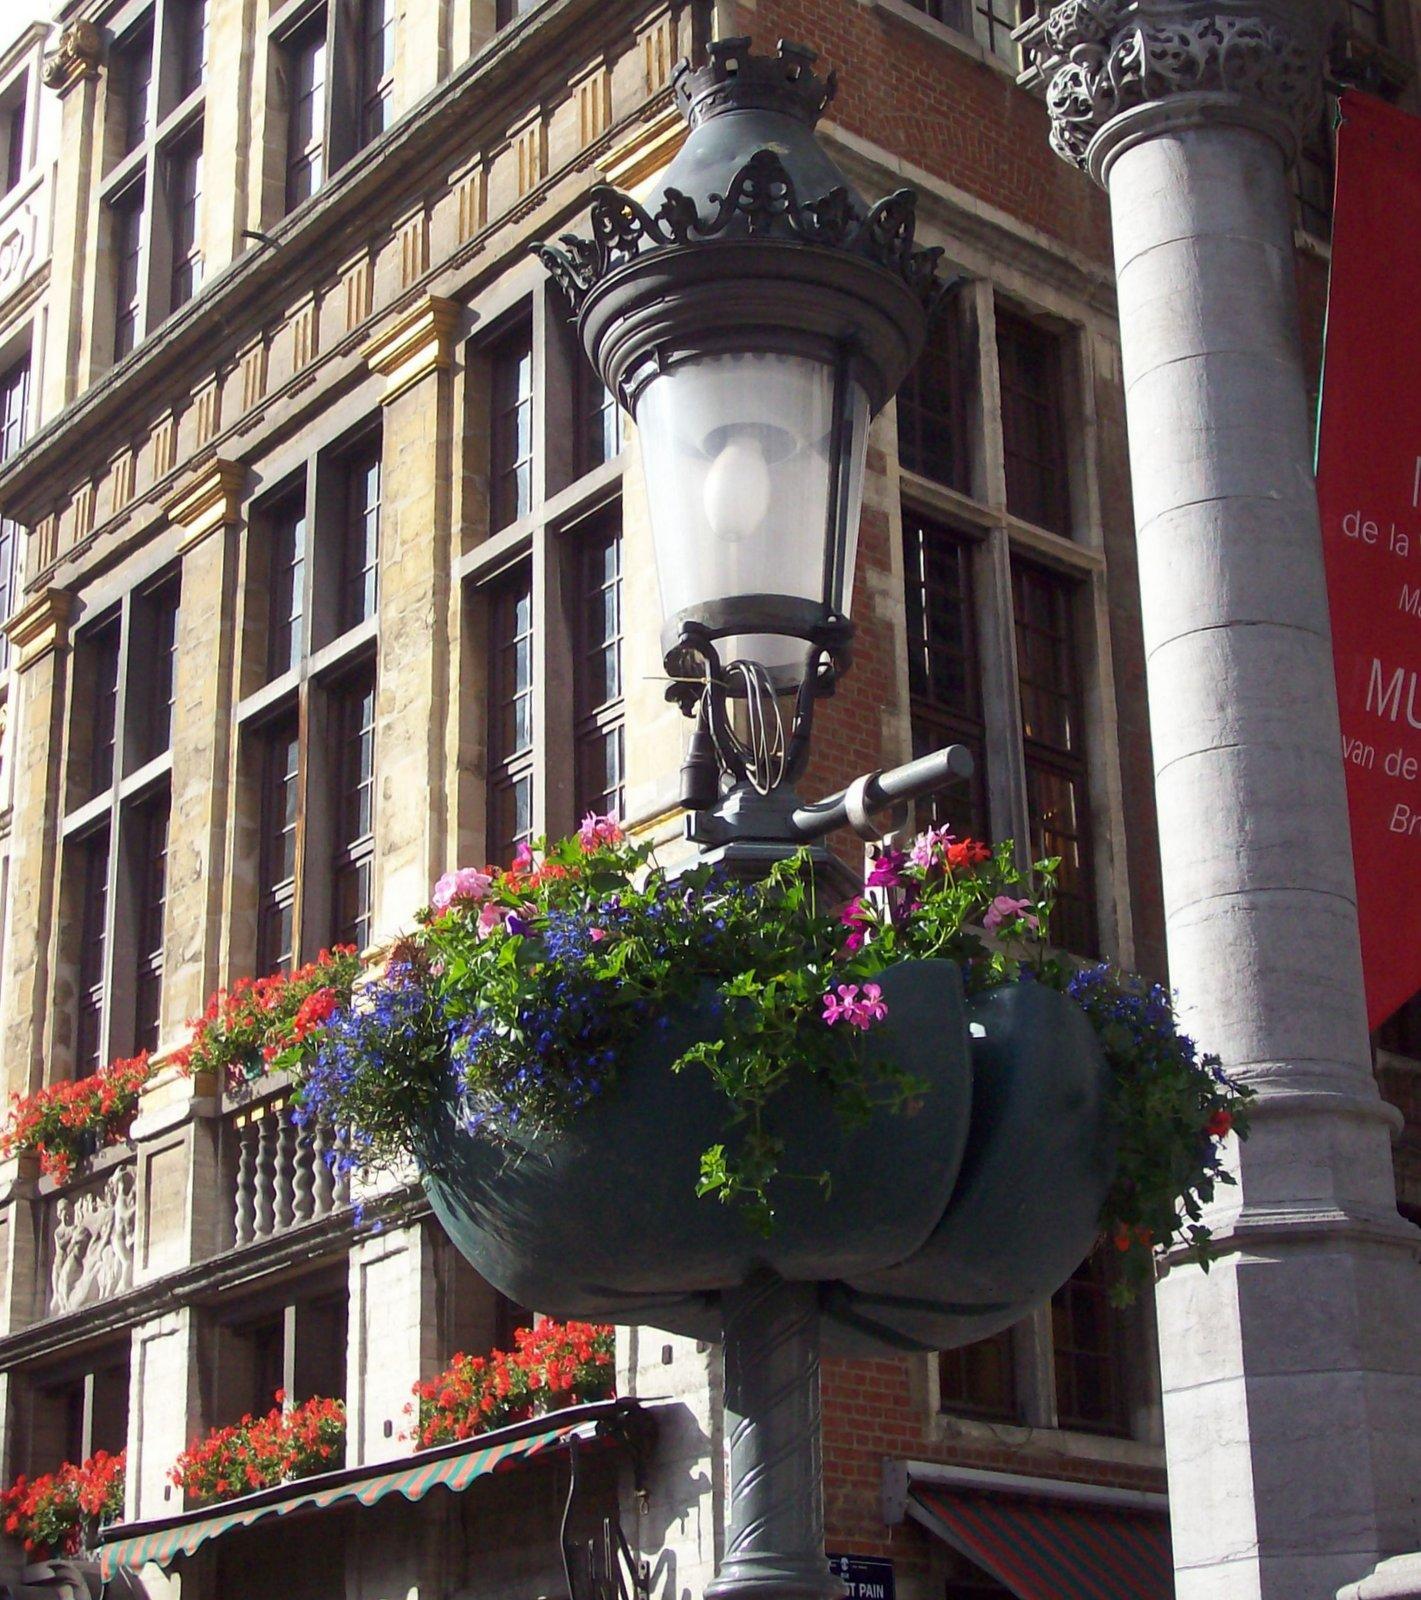 Am Großen Markt in Brüssel